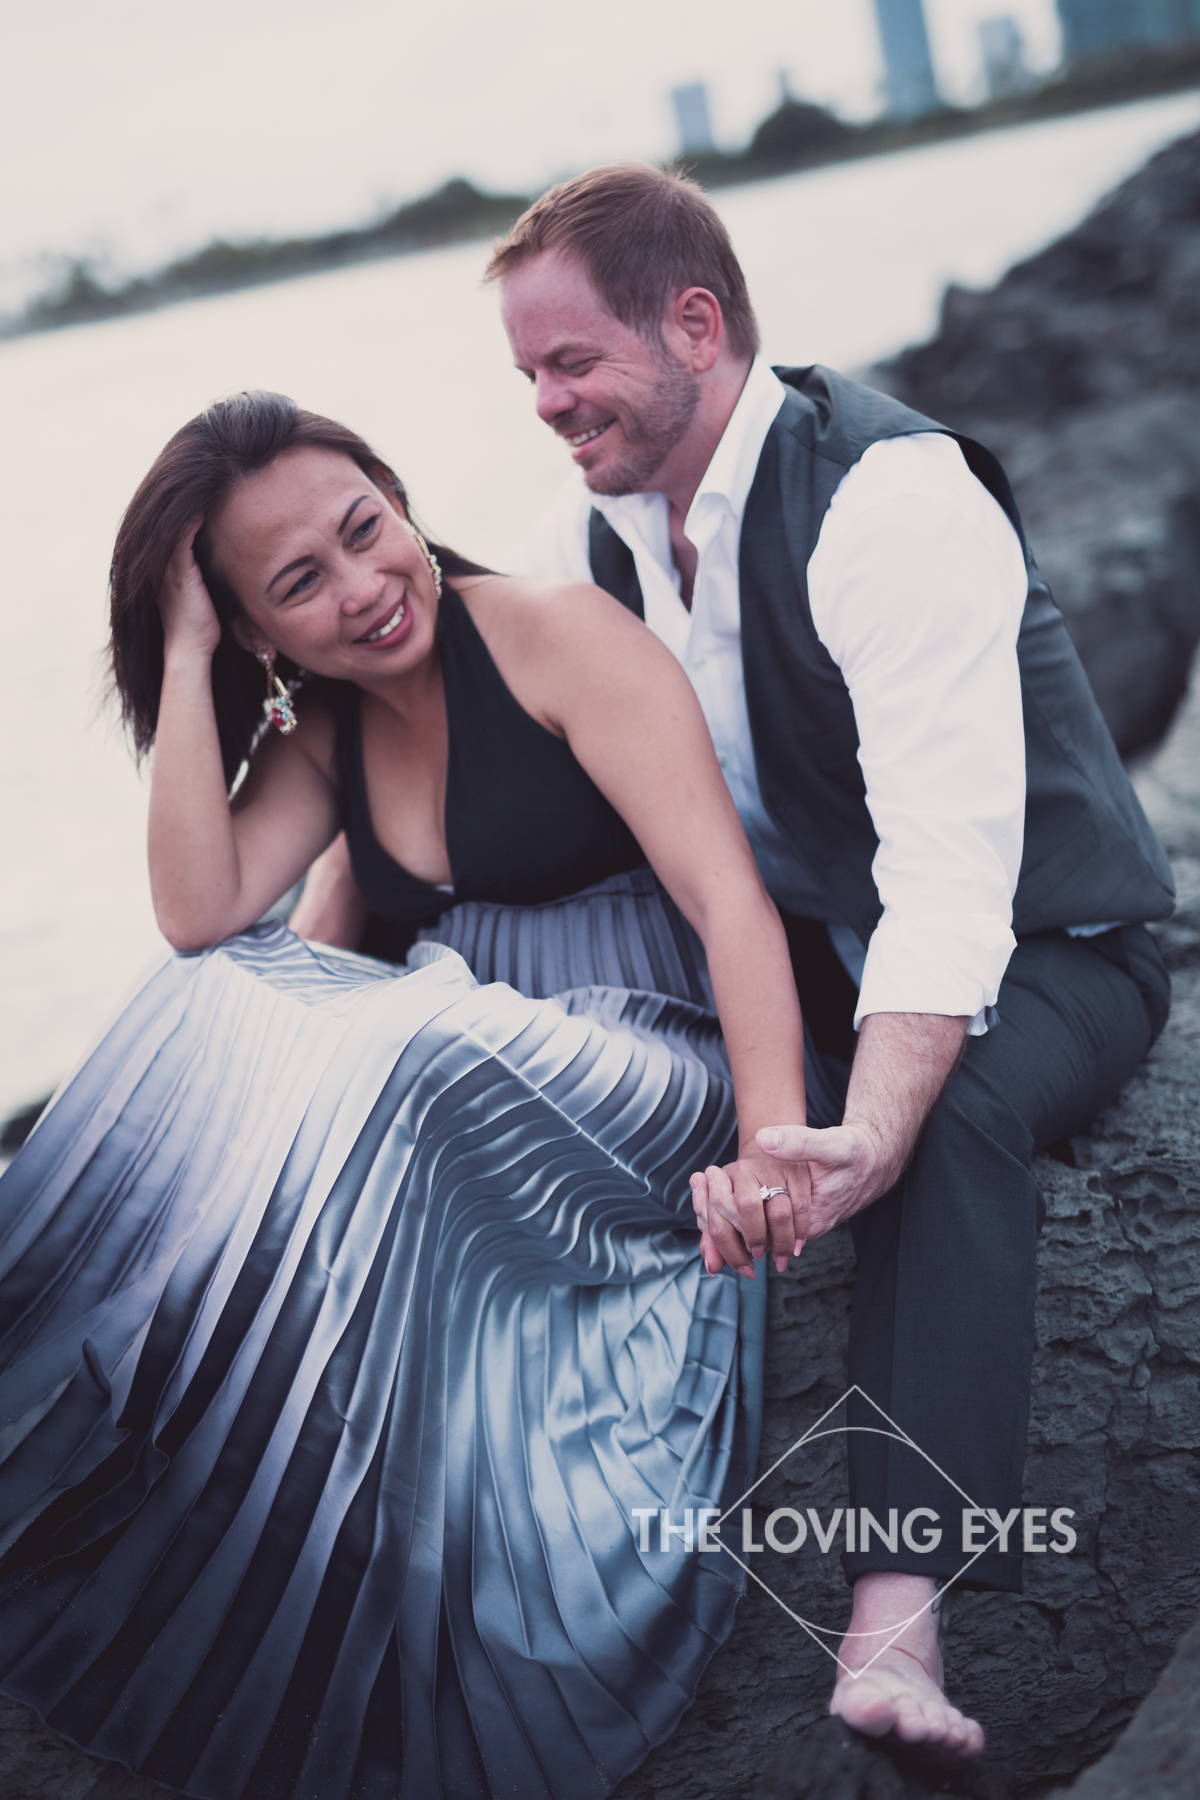 Hawaii-Vacation-Honeymoon-Photograhy-in-Waikiki-9.jpg